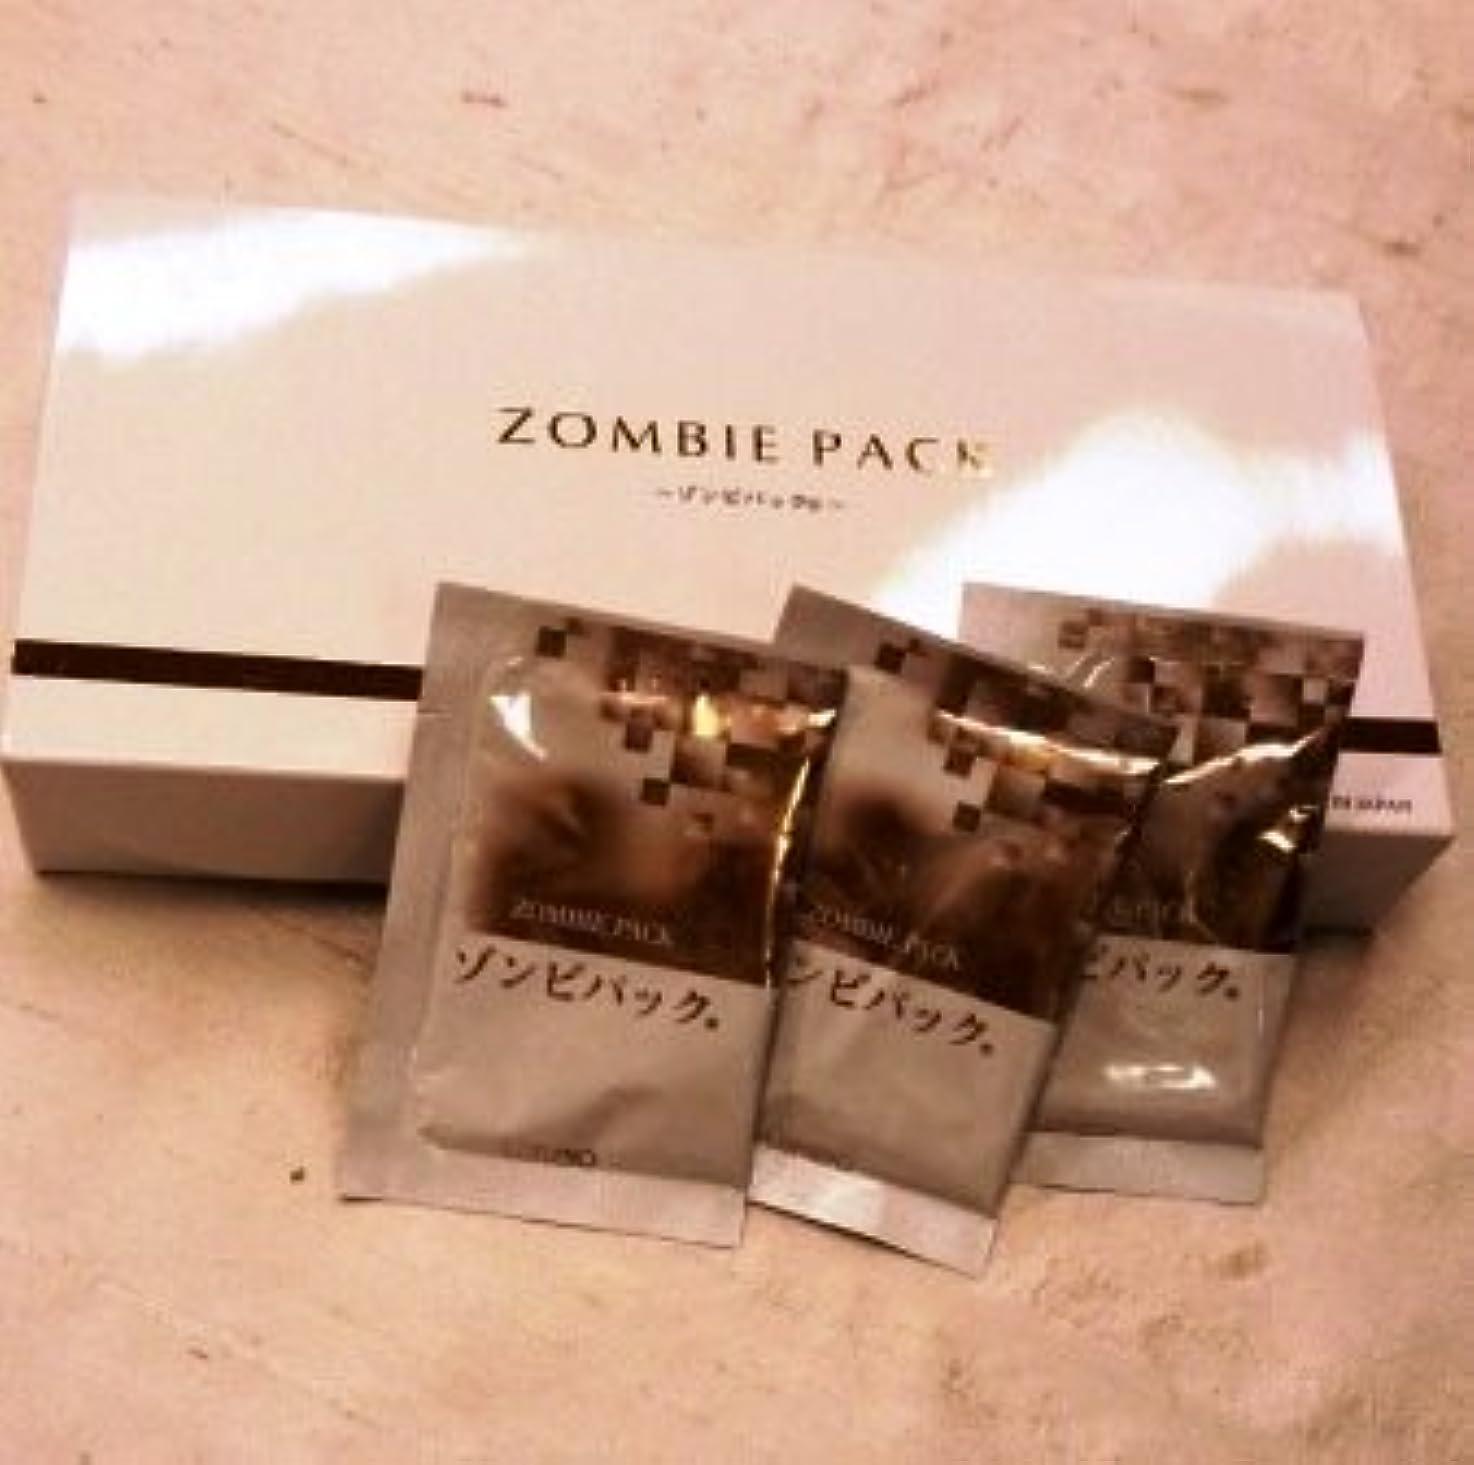 爆発考古学的なガイドラインルリビオ ゾンビパックPタイプ(5g×15袋)+3袋増量